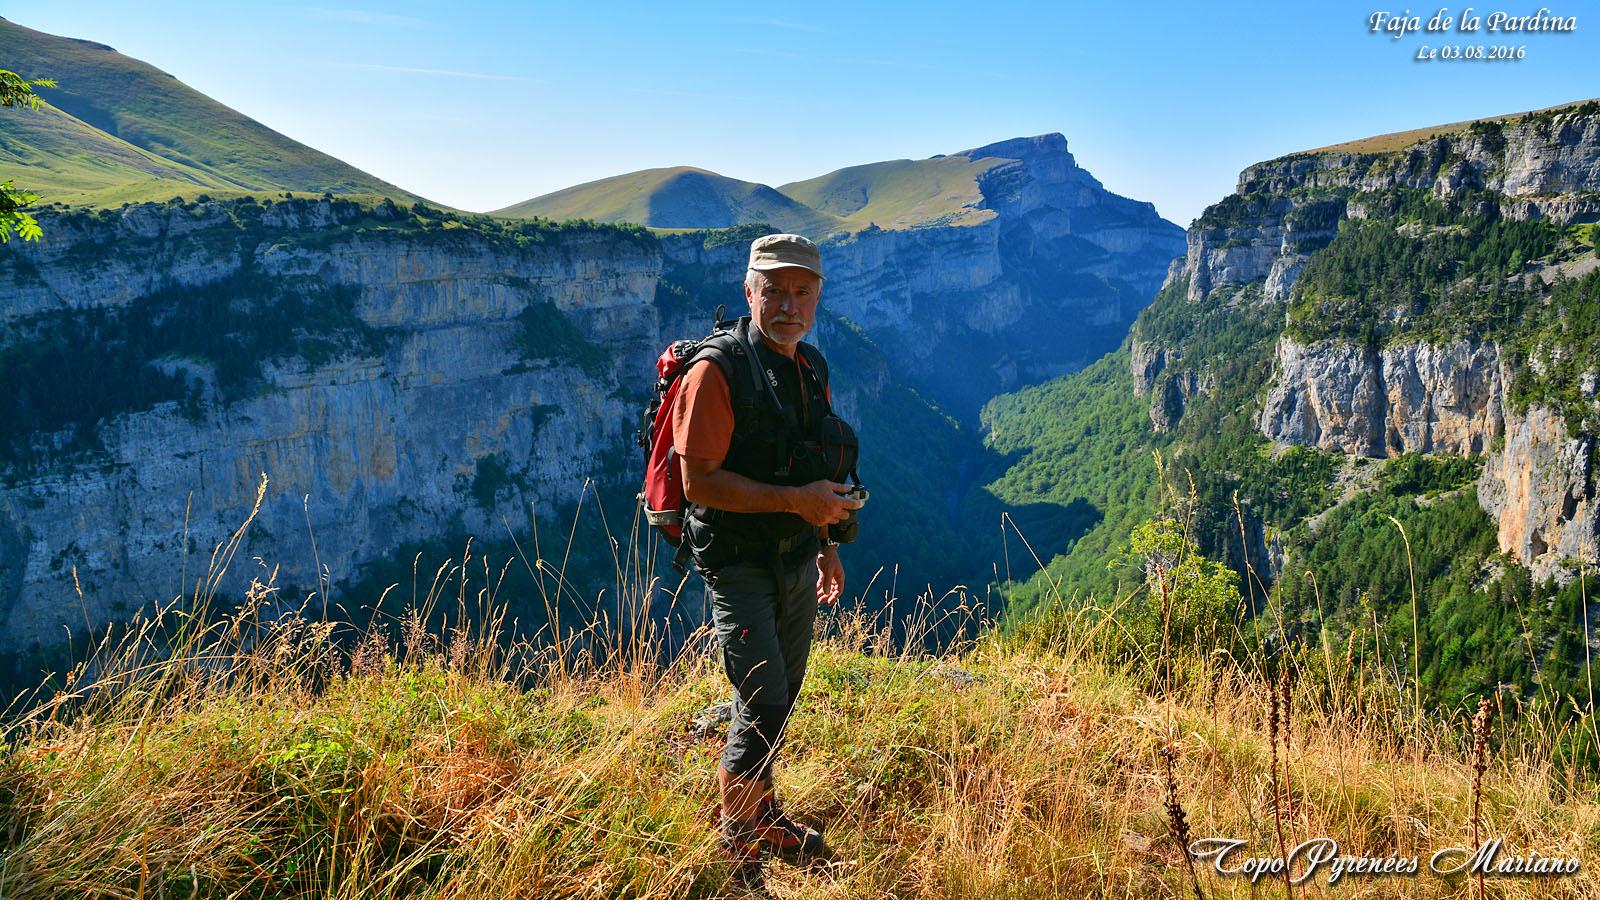 Faja de la Pardina et Canyon de Añisclo en boucle depuis Nerin